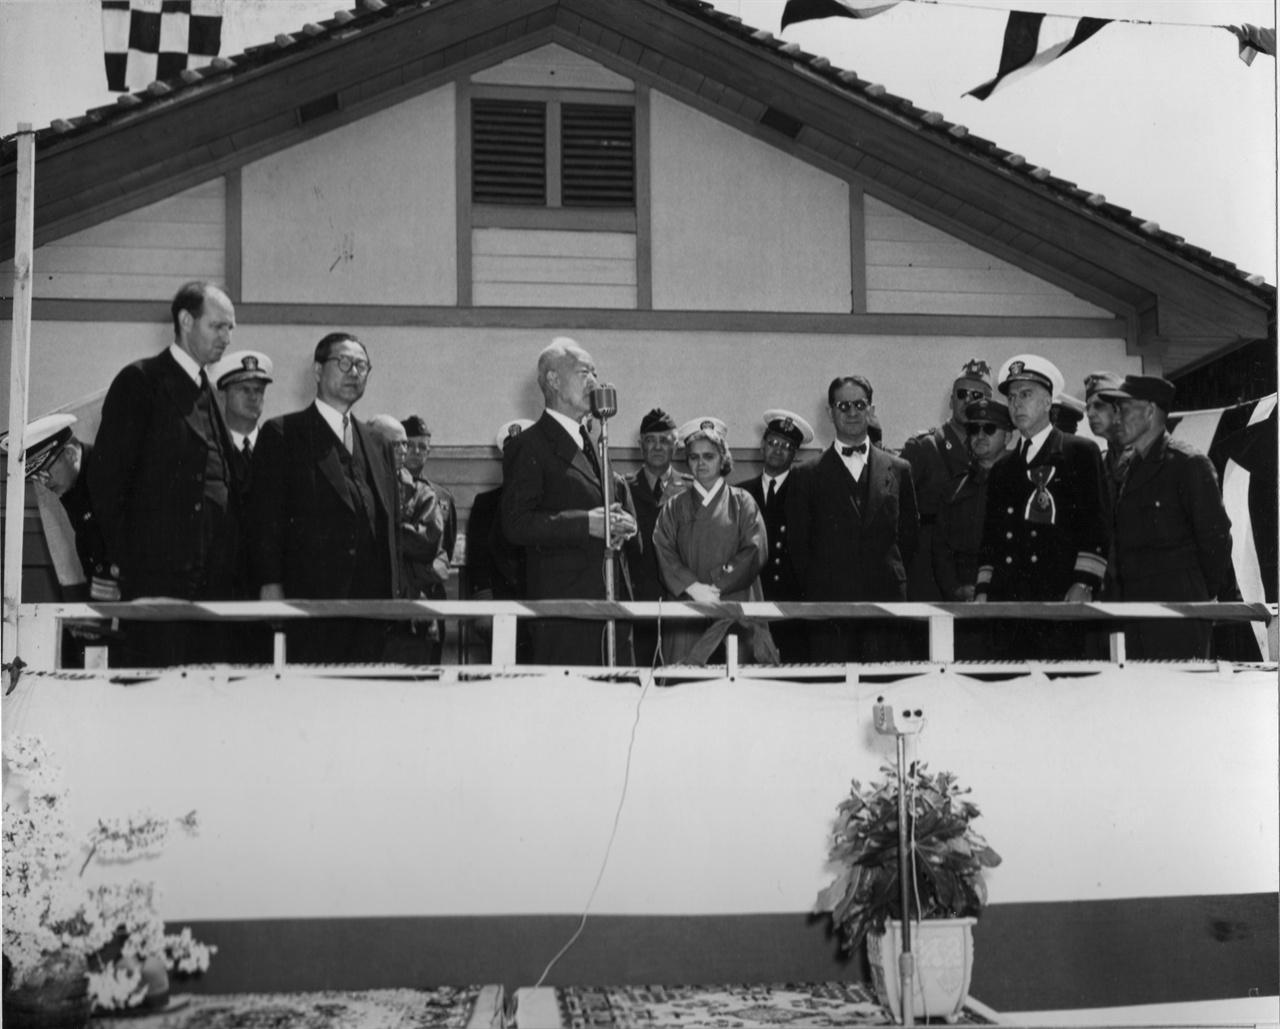 1951. 6. 25. 진해 해군사관학교에서 사관생도 사열 후 치사하는 이승만 대통령(왼쪽 장면 총리, 오른쪽 프란체스카 부인, 무초 주한 미 대사, 스미스 장군, 신성모 국방장관).